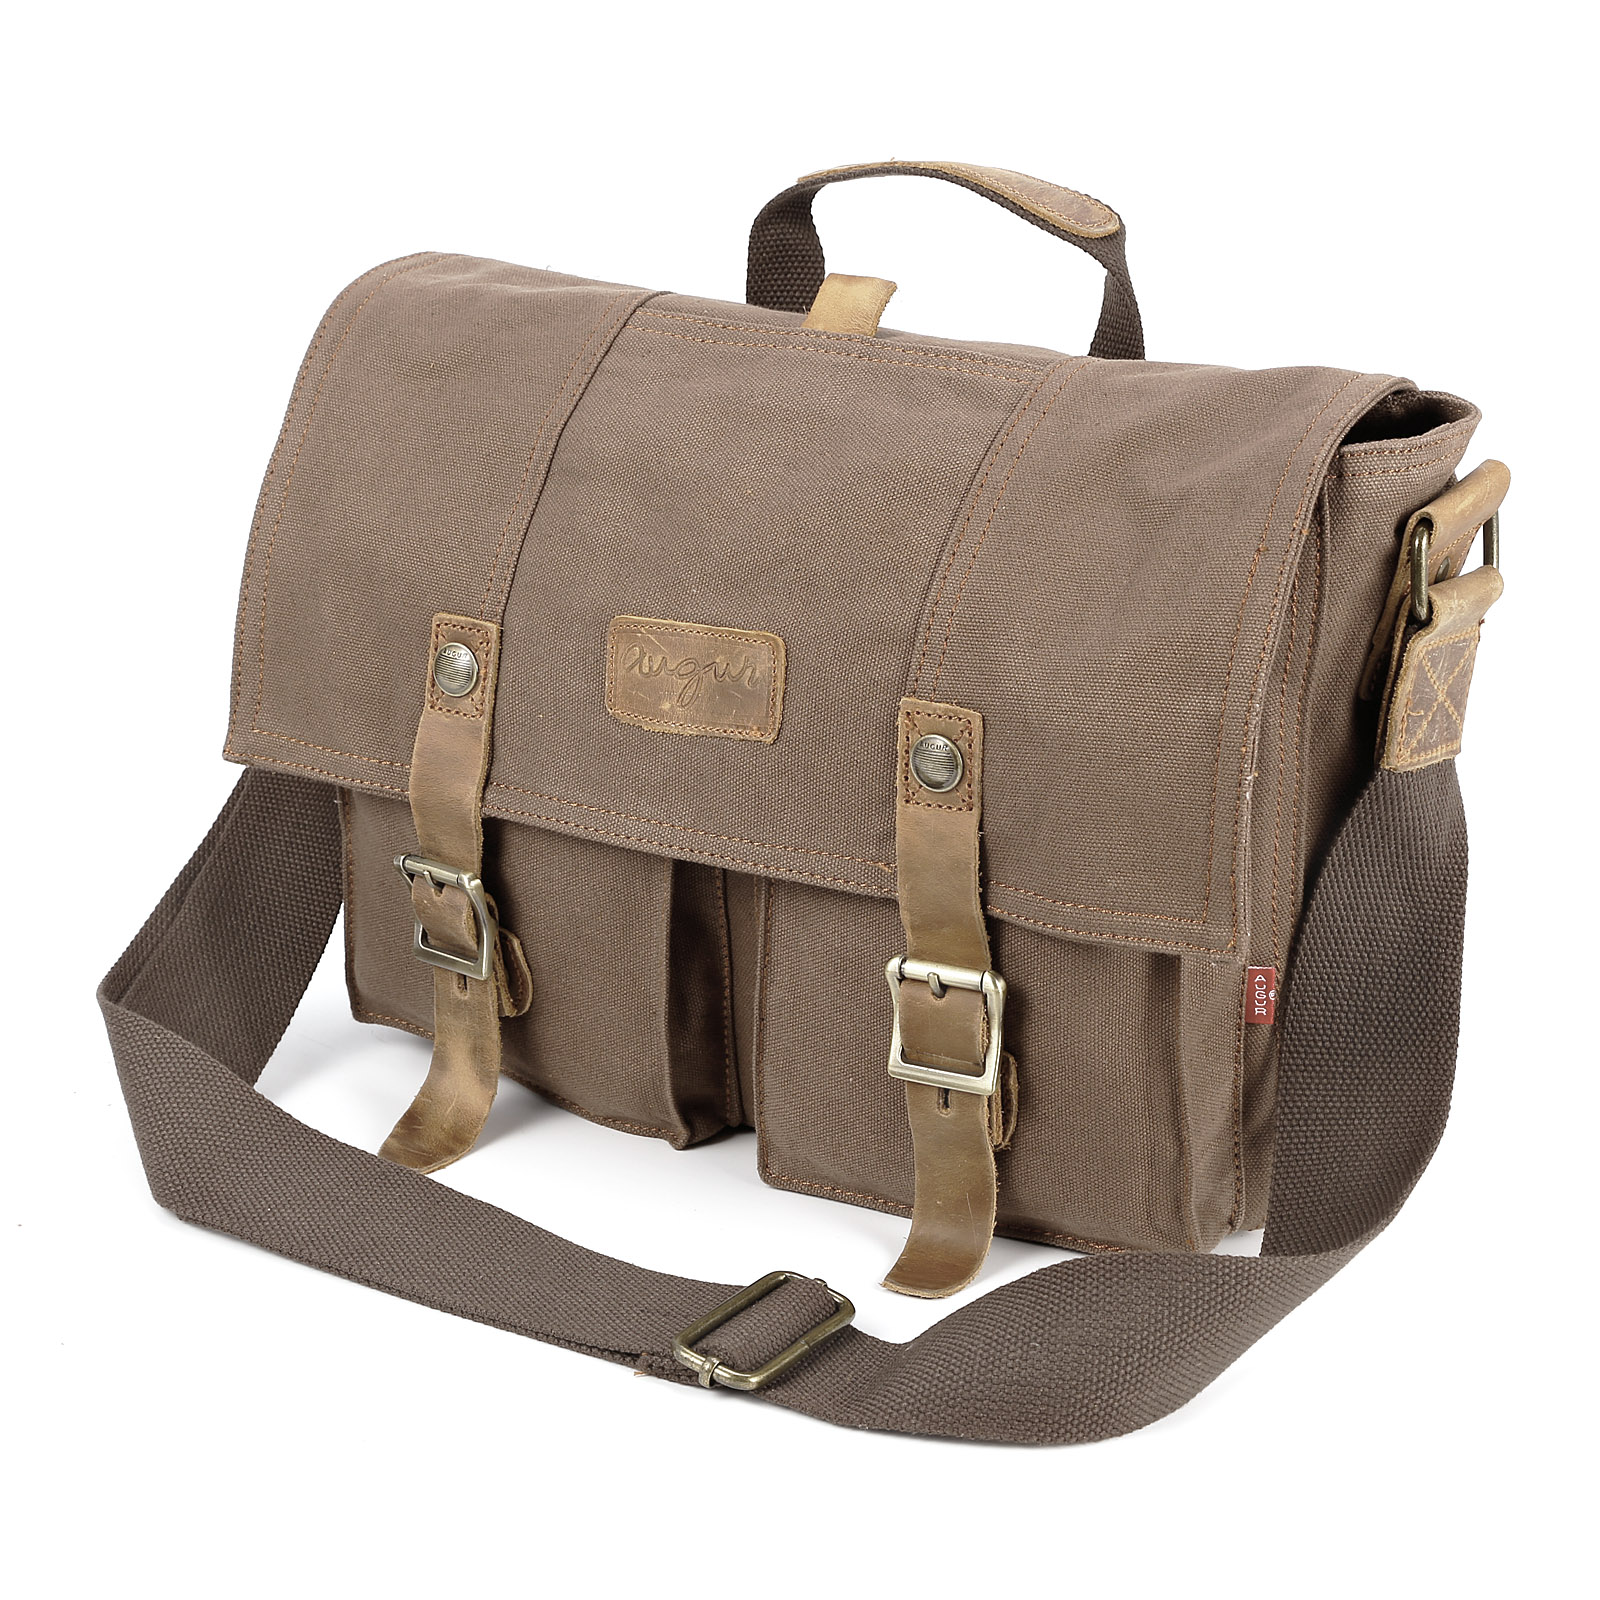 96a85582a39d Retro Mens Canvas Satchel Shoulder Messenger Military Bag Real ...